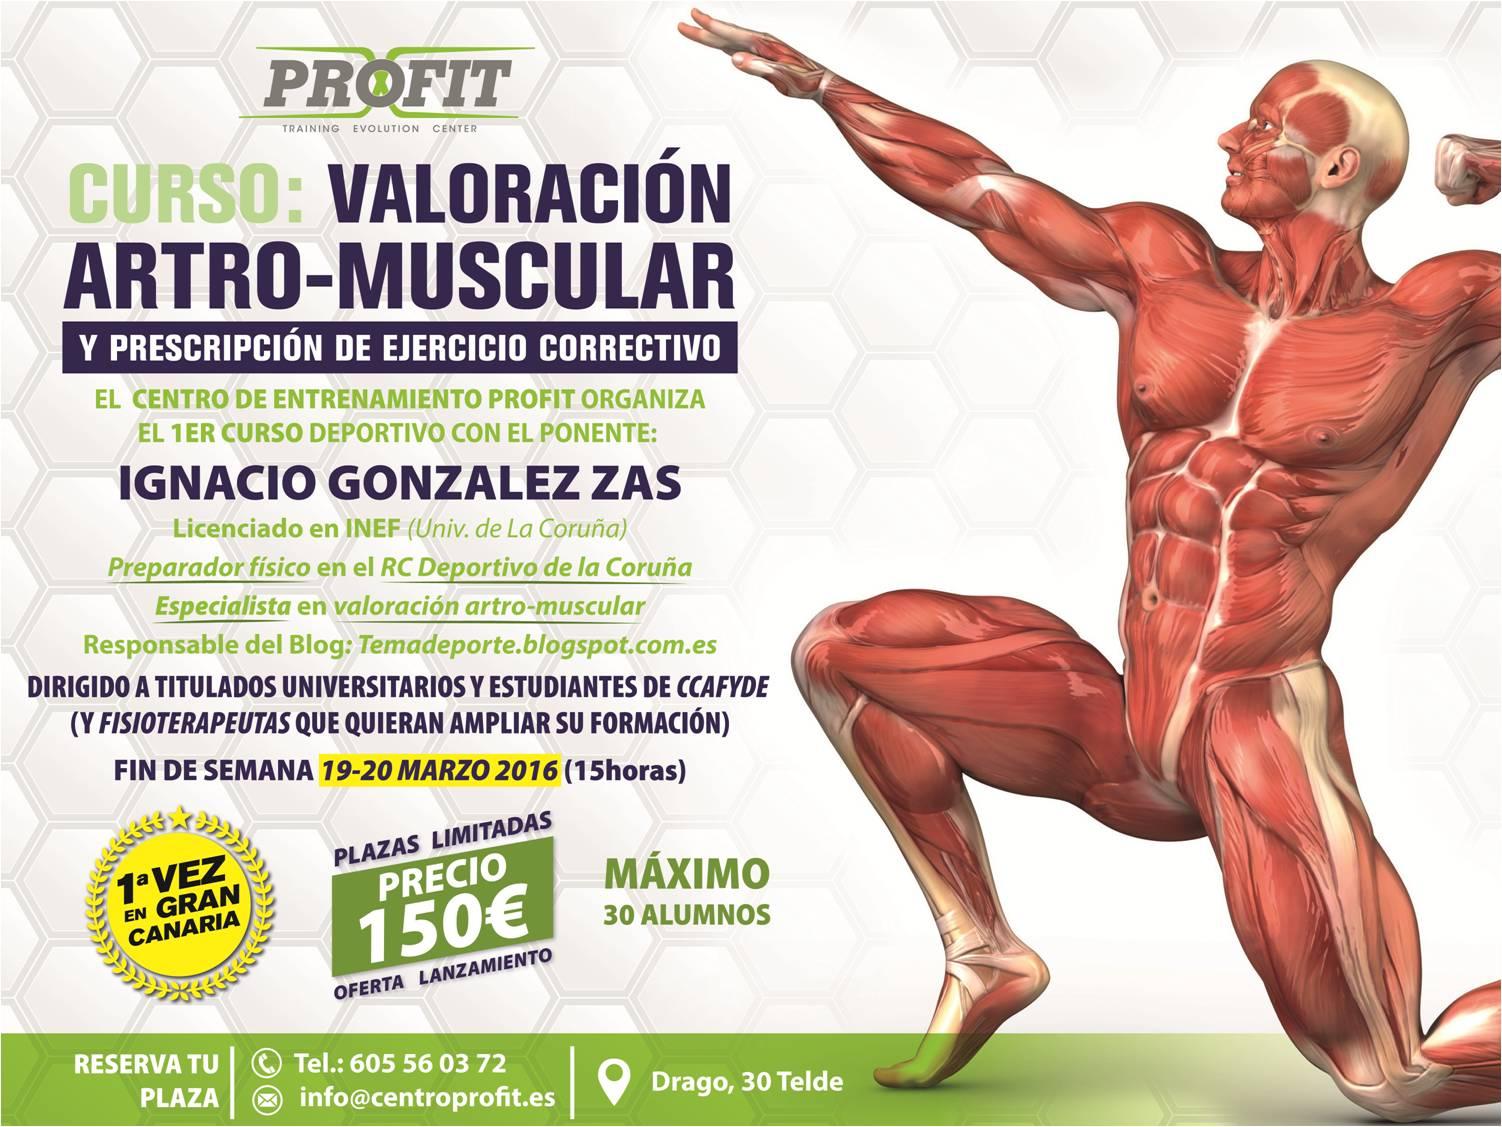 Valoración artro-muscular en Las Palmas, 19-20 de marzo